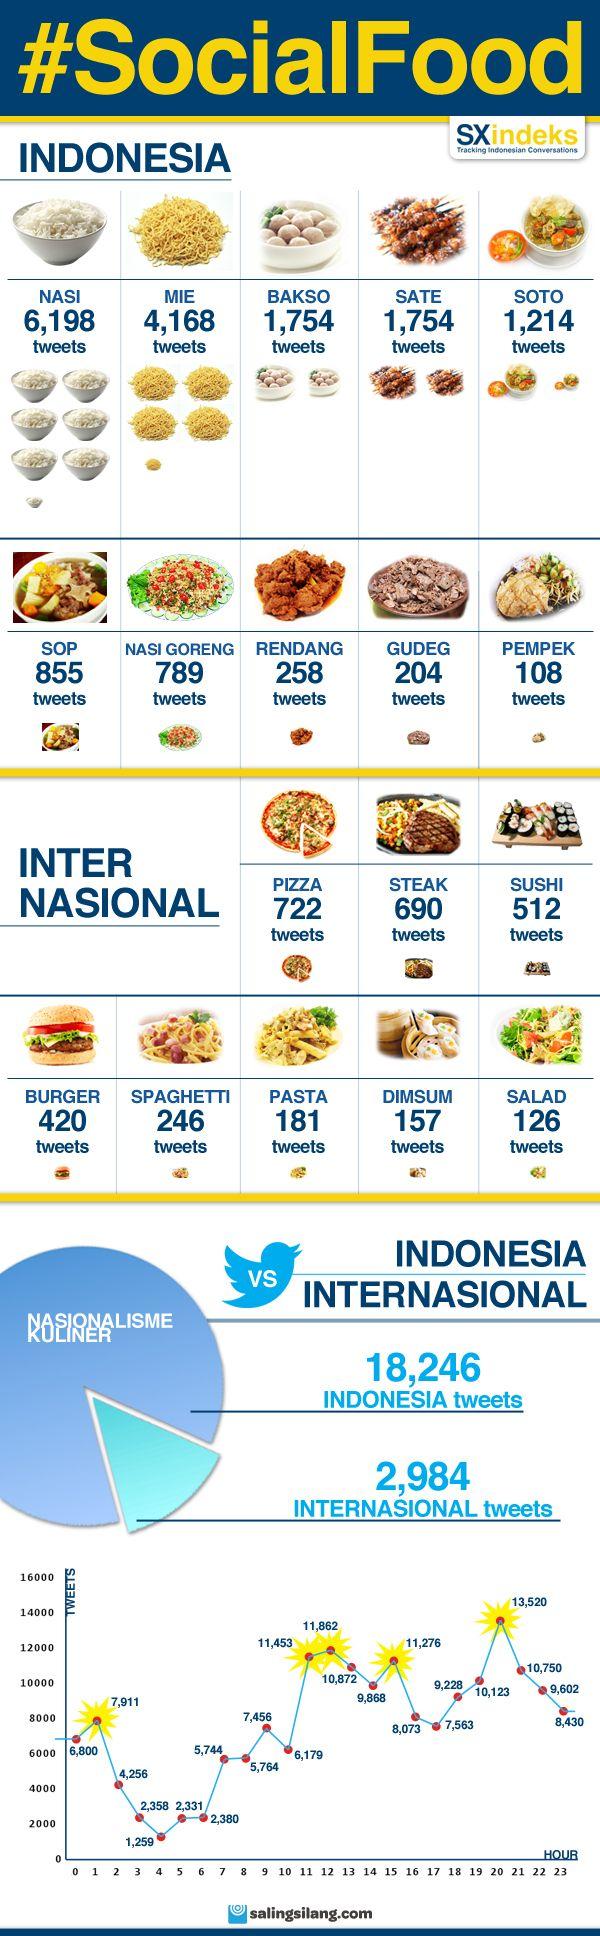 Infografik hasil penelusuran SX Indeks seputar makanan yang dipercakapkan tweeps Indonesia di Twitter pada periode 14-15 Juli 2012.